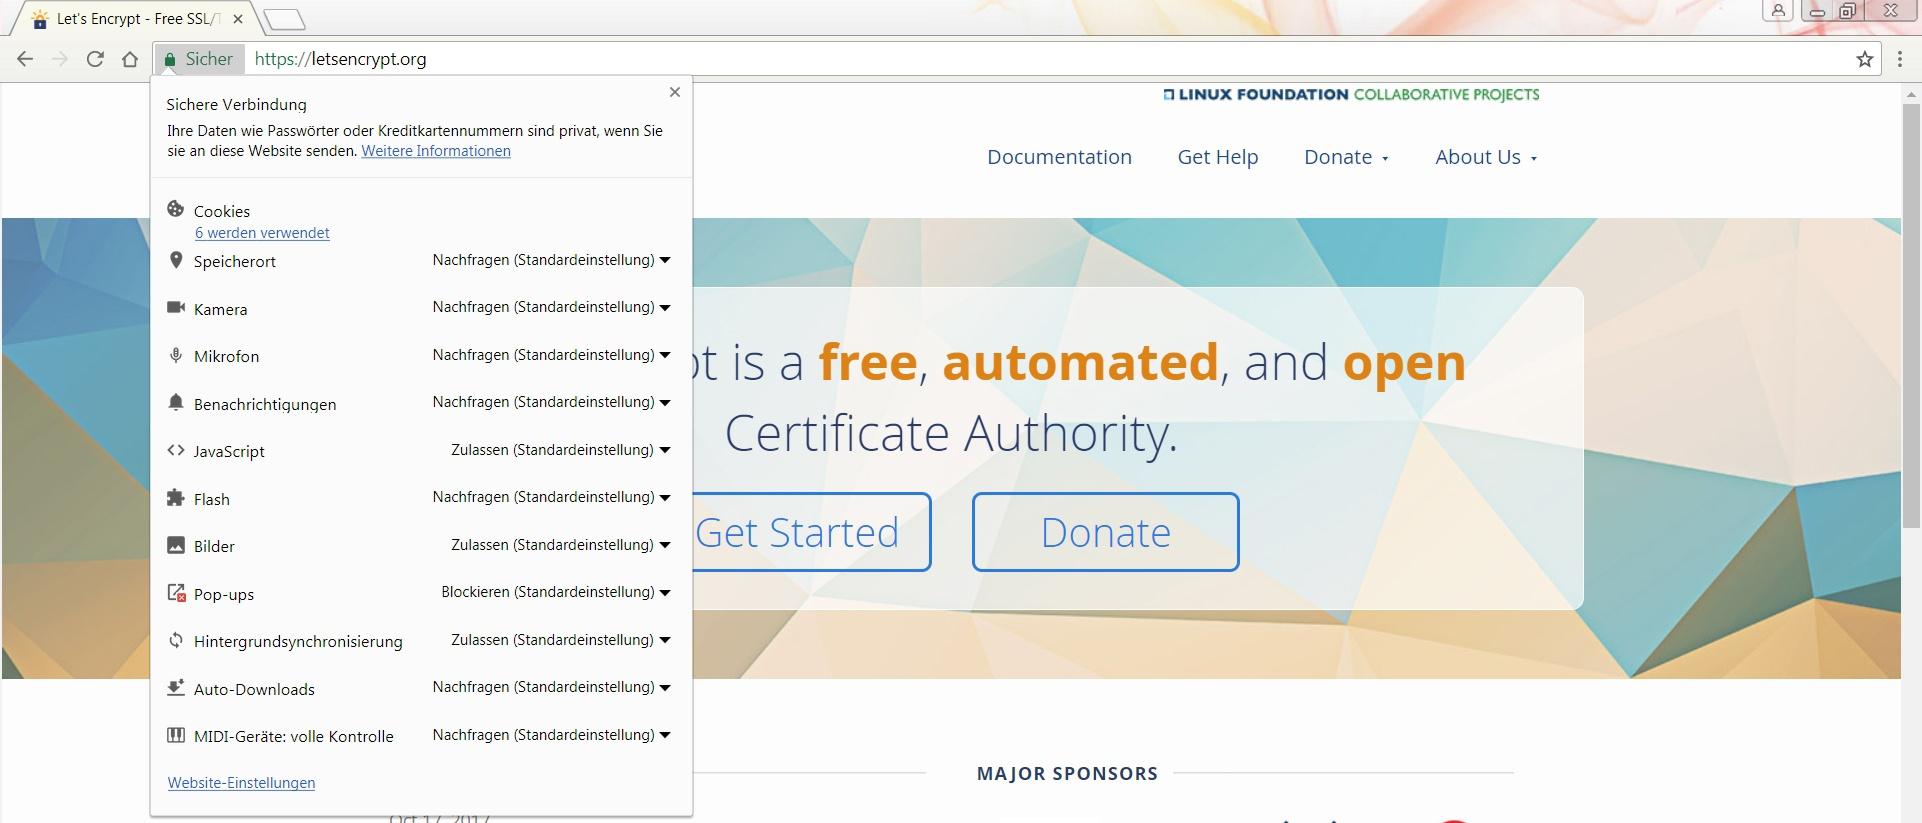 Informationen zur Seitensicherheit in Google Chrome